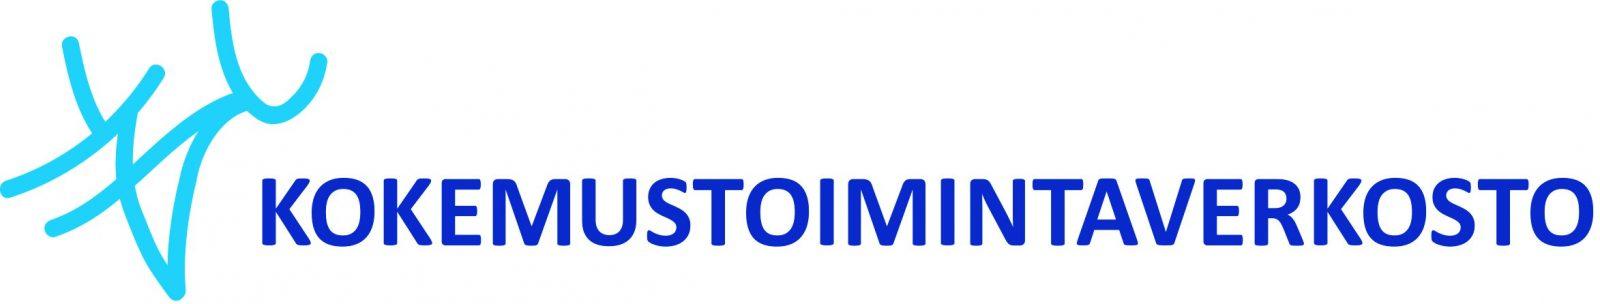 Kokemustoimintaverkoston sininen logo